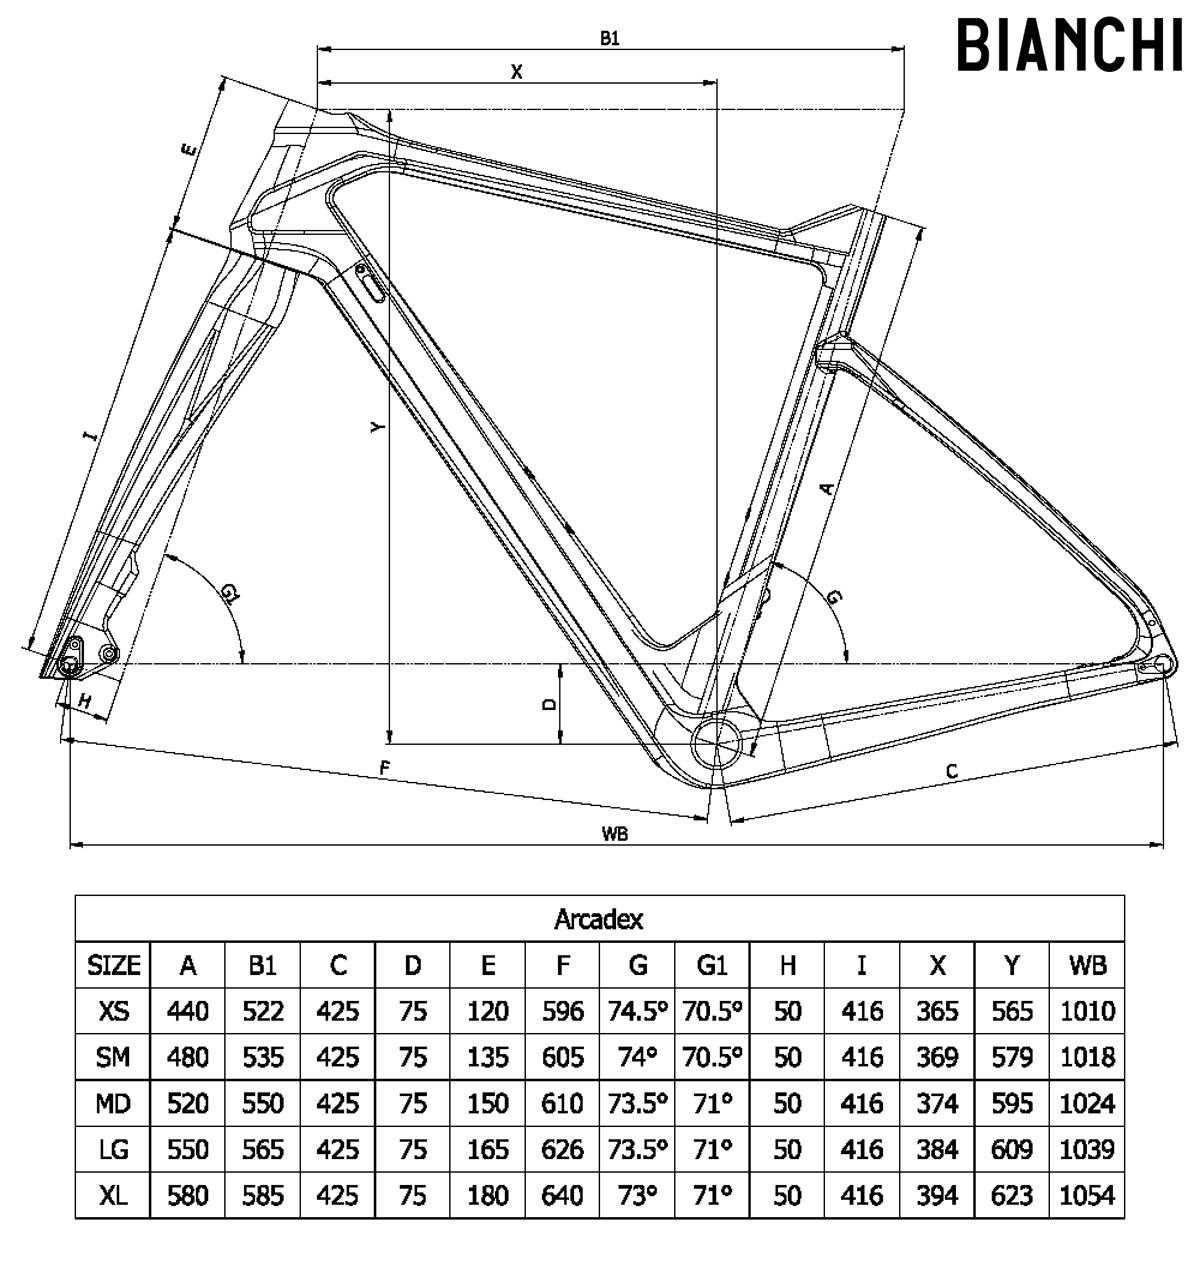 La tabella con le misure e le geometrie della bici gravel Bianchi Arcadex 2021